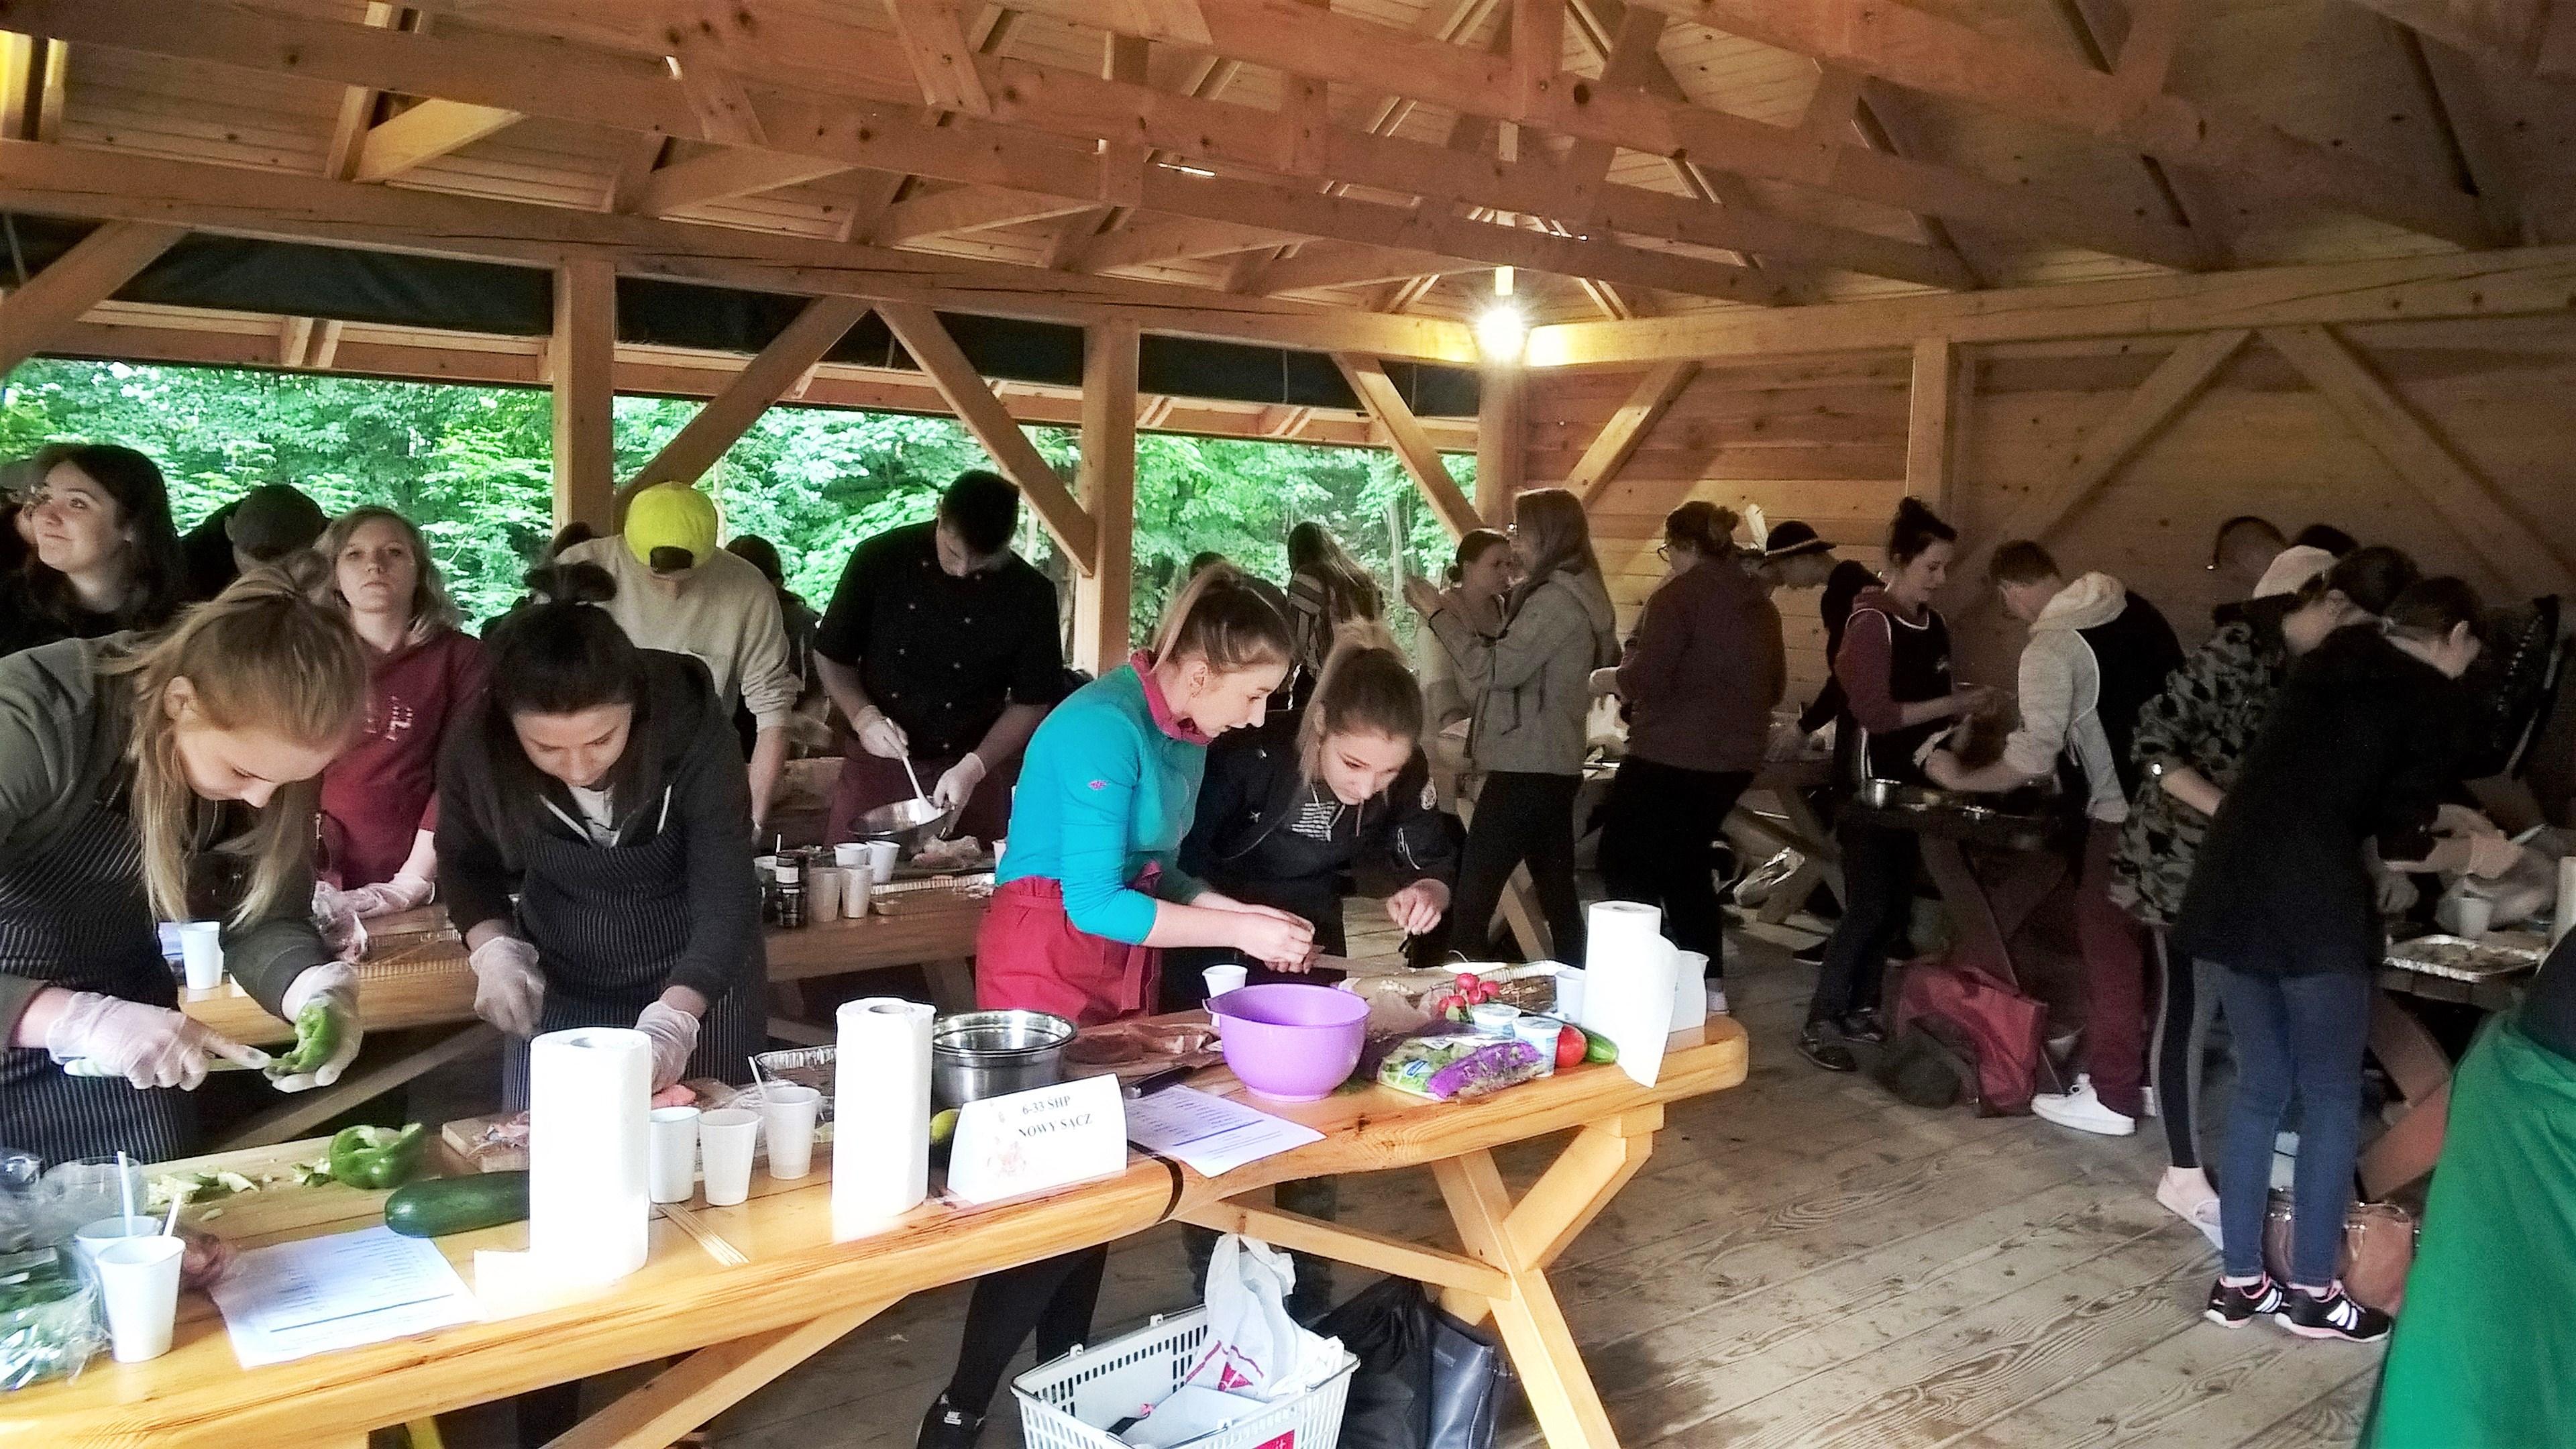 Fot.1,2 Uczestnicy konkursu podczas zmagań kulinarnych